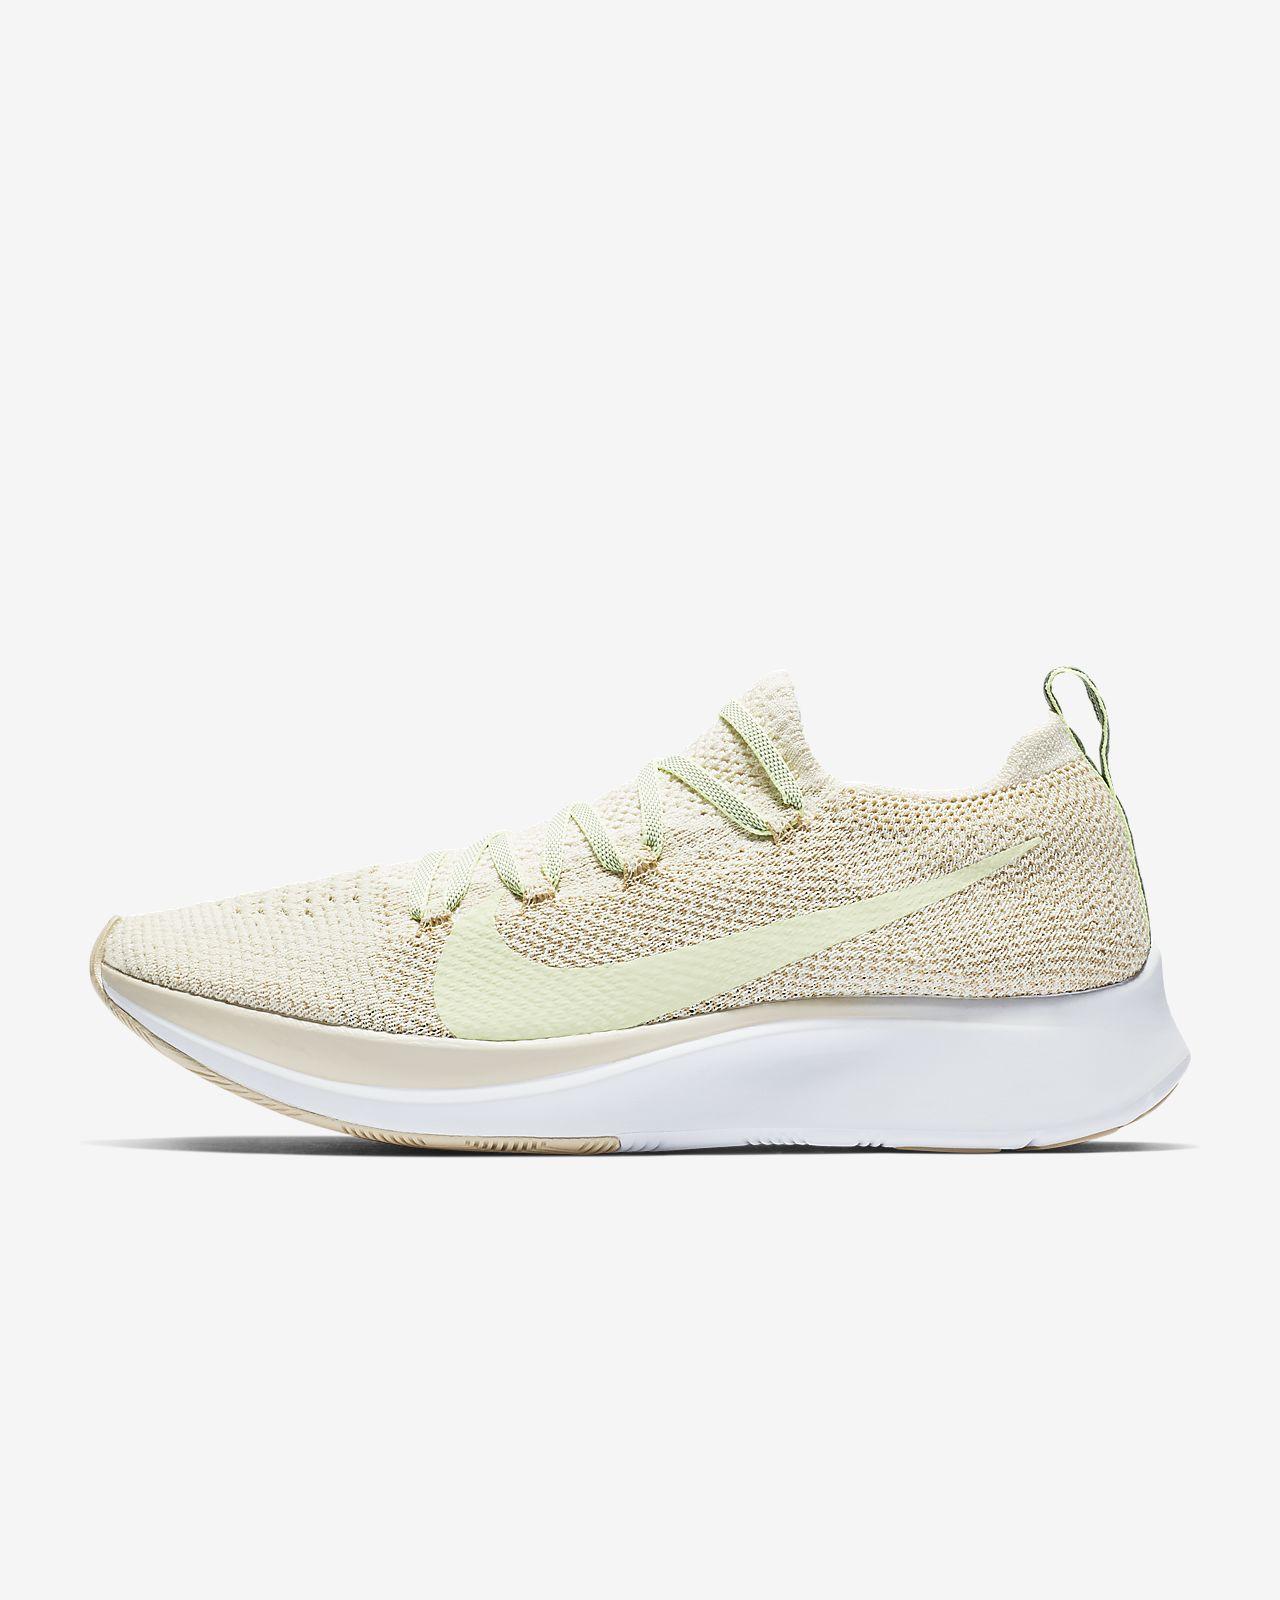 Nike Zoom Fly Flyknit Zapatillas de running - Mujer